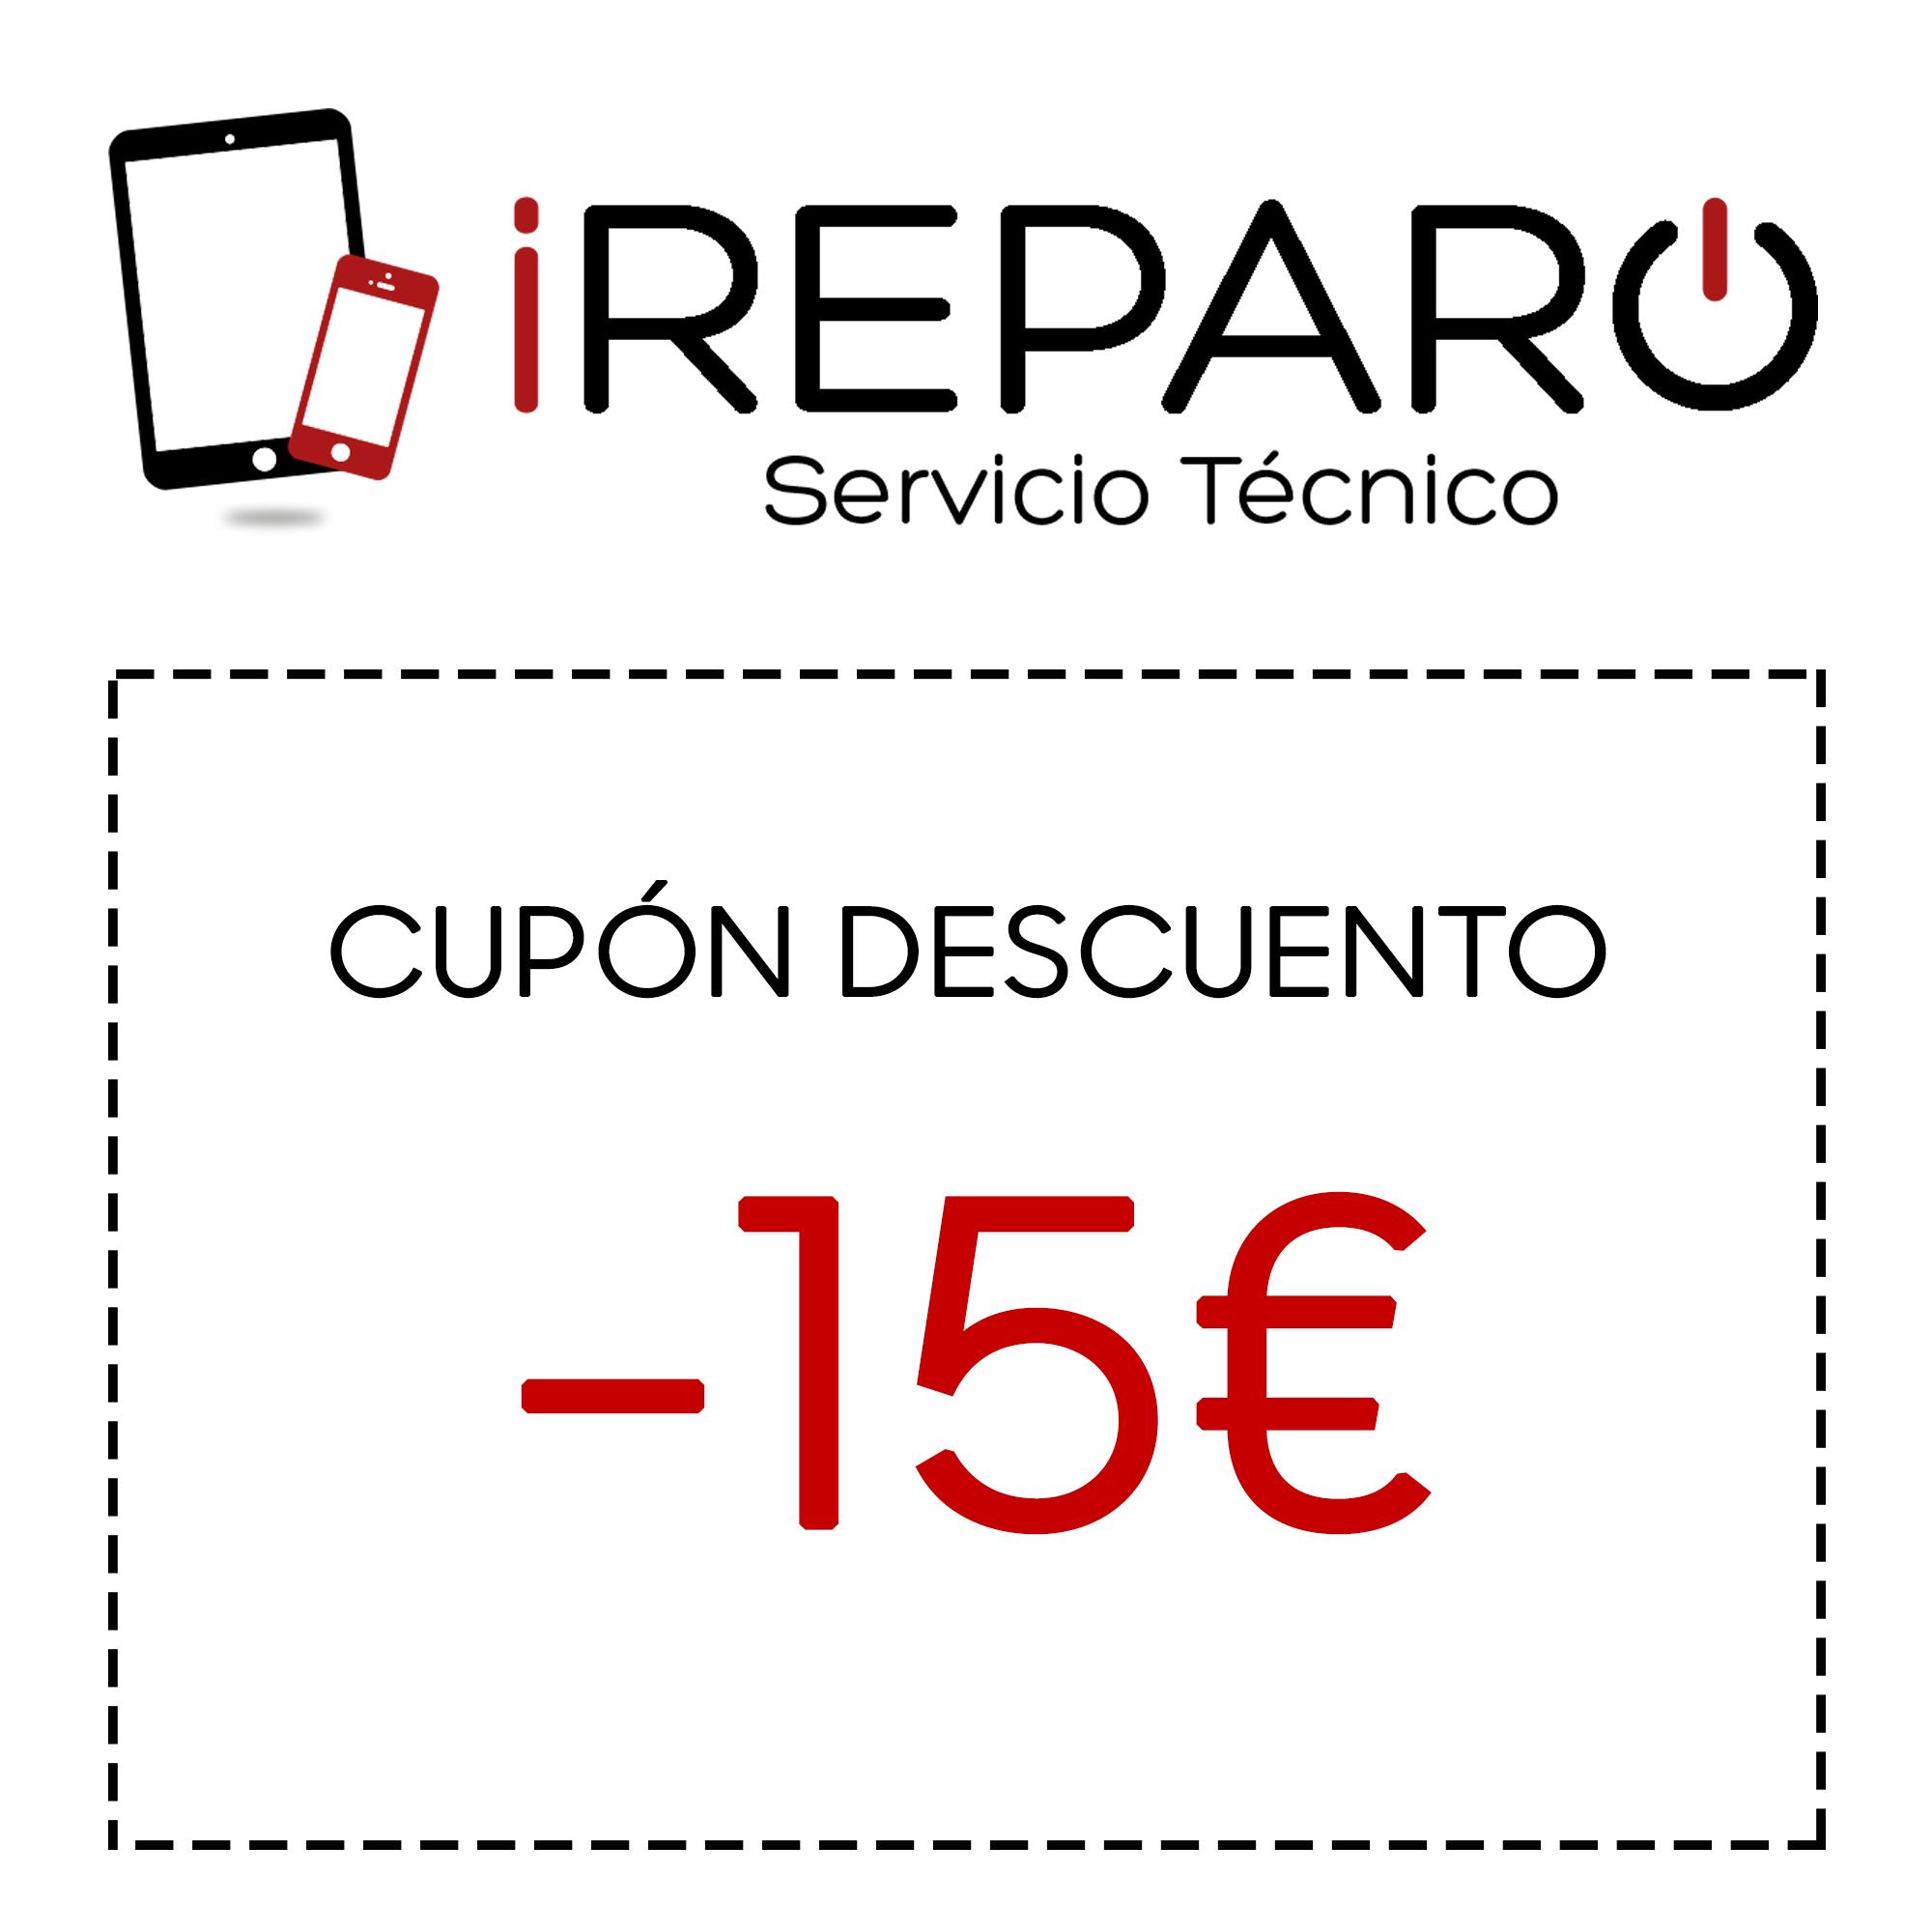 Cupón 15€ en iReparo